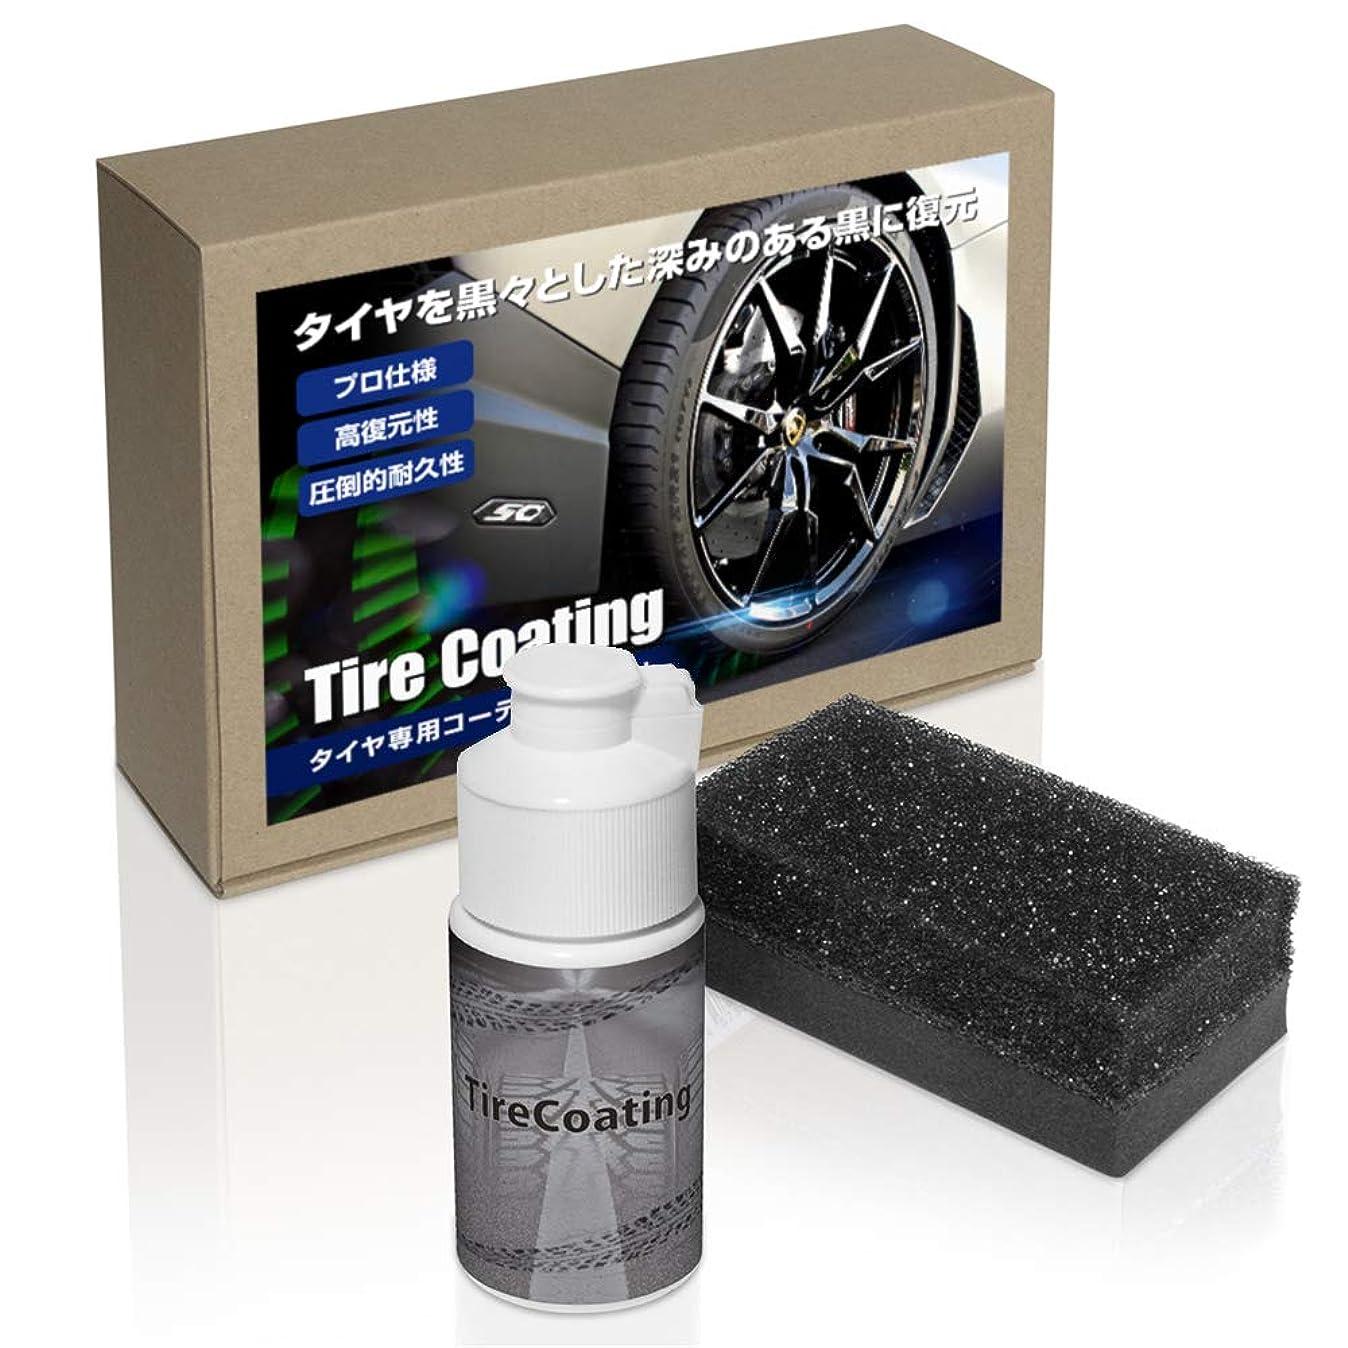 ディレクター偽物カウント[CarZootプロ仕様]【タイヤワックスでは表現できない程の美しい漆黒のタイヤに】タイヤ専用コーティングキット『Tire Coating/タイヤコーティング』